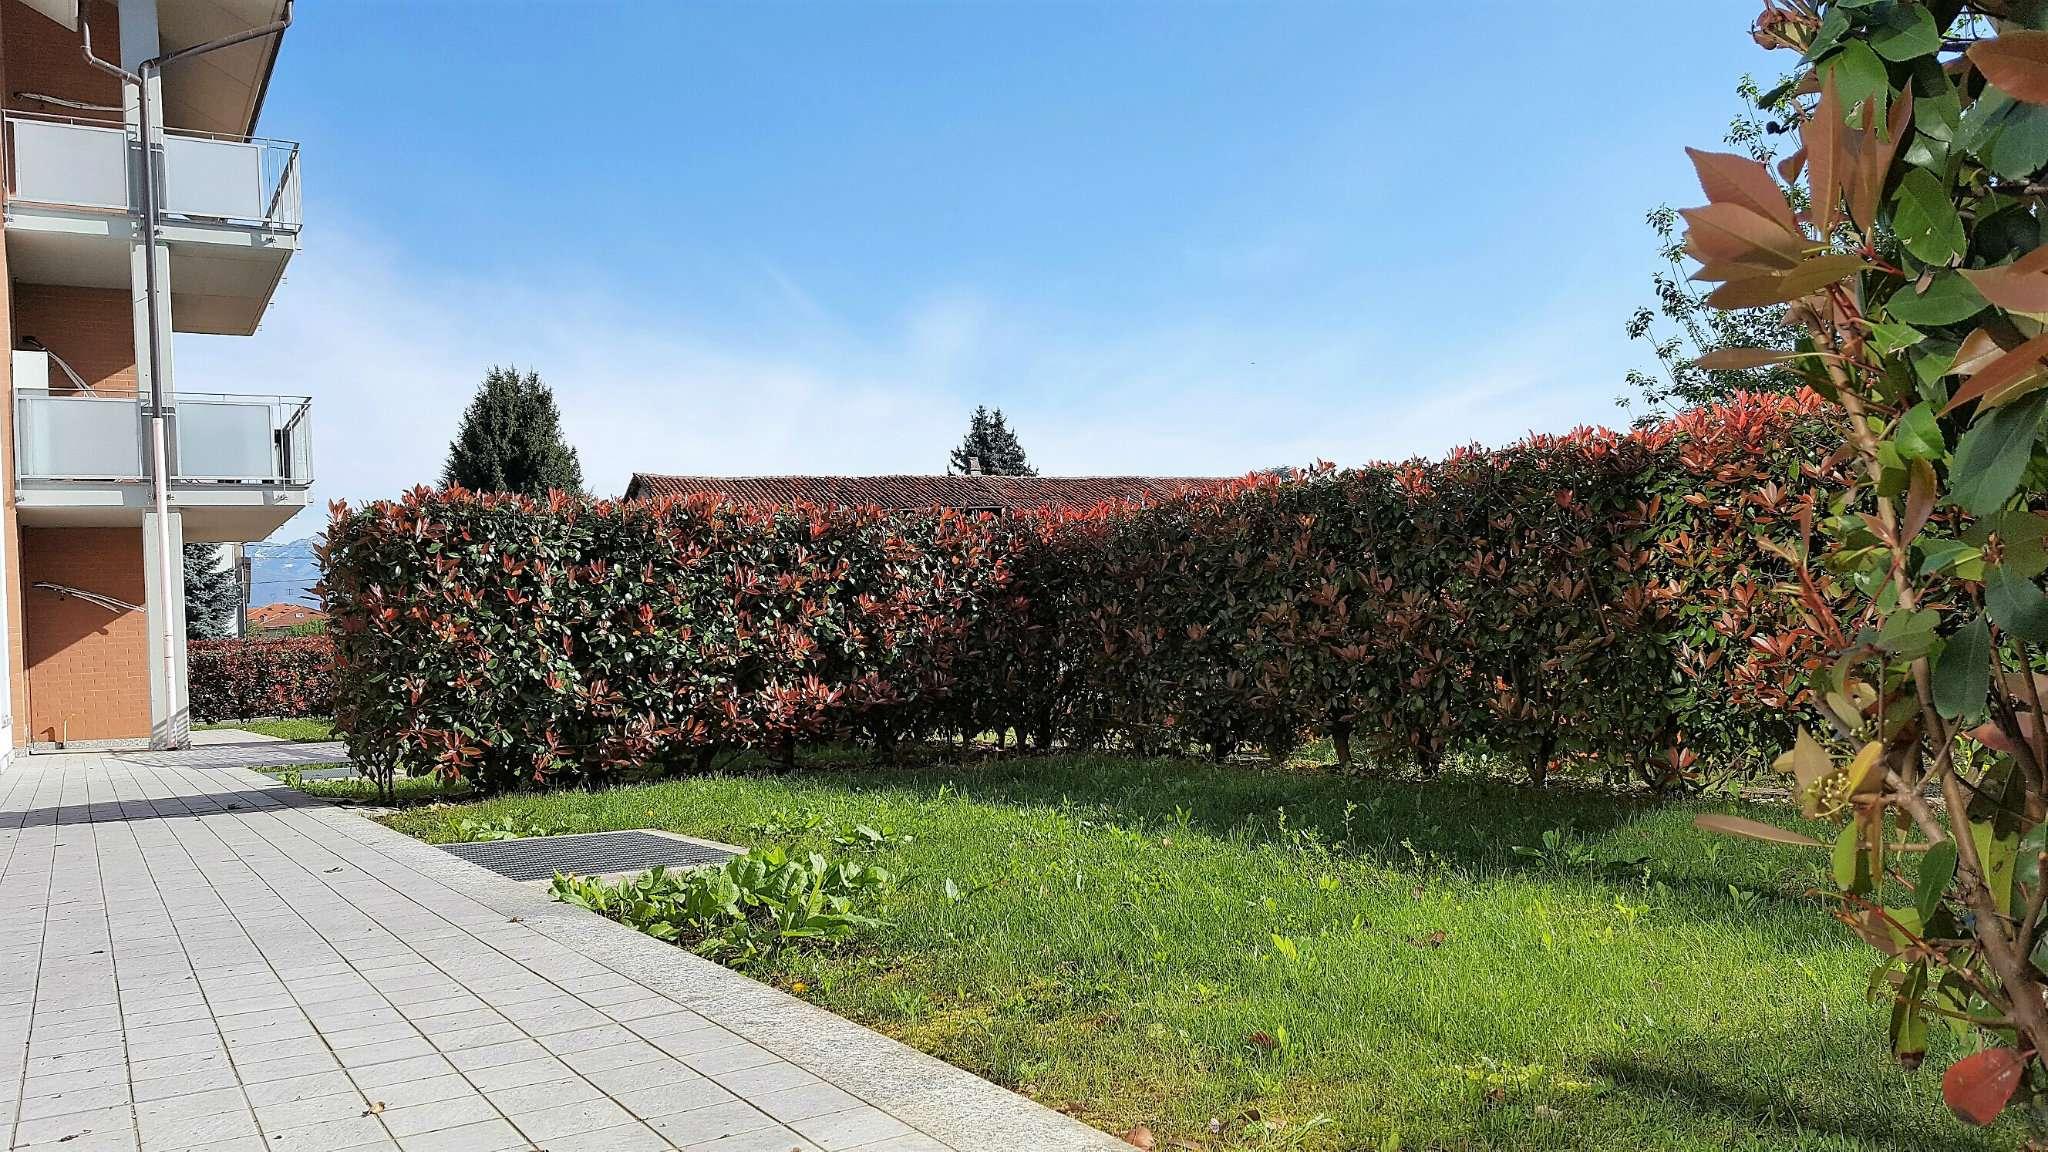 Appartamento in vendita a Rivarolo Canavese, 4 locali, prezzo € 152.000 | CambioCasa.it